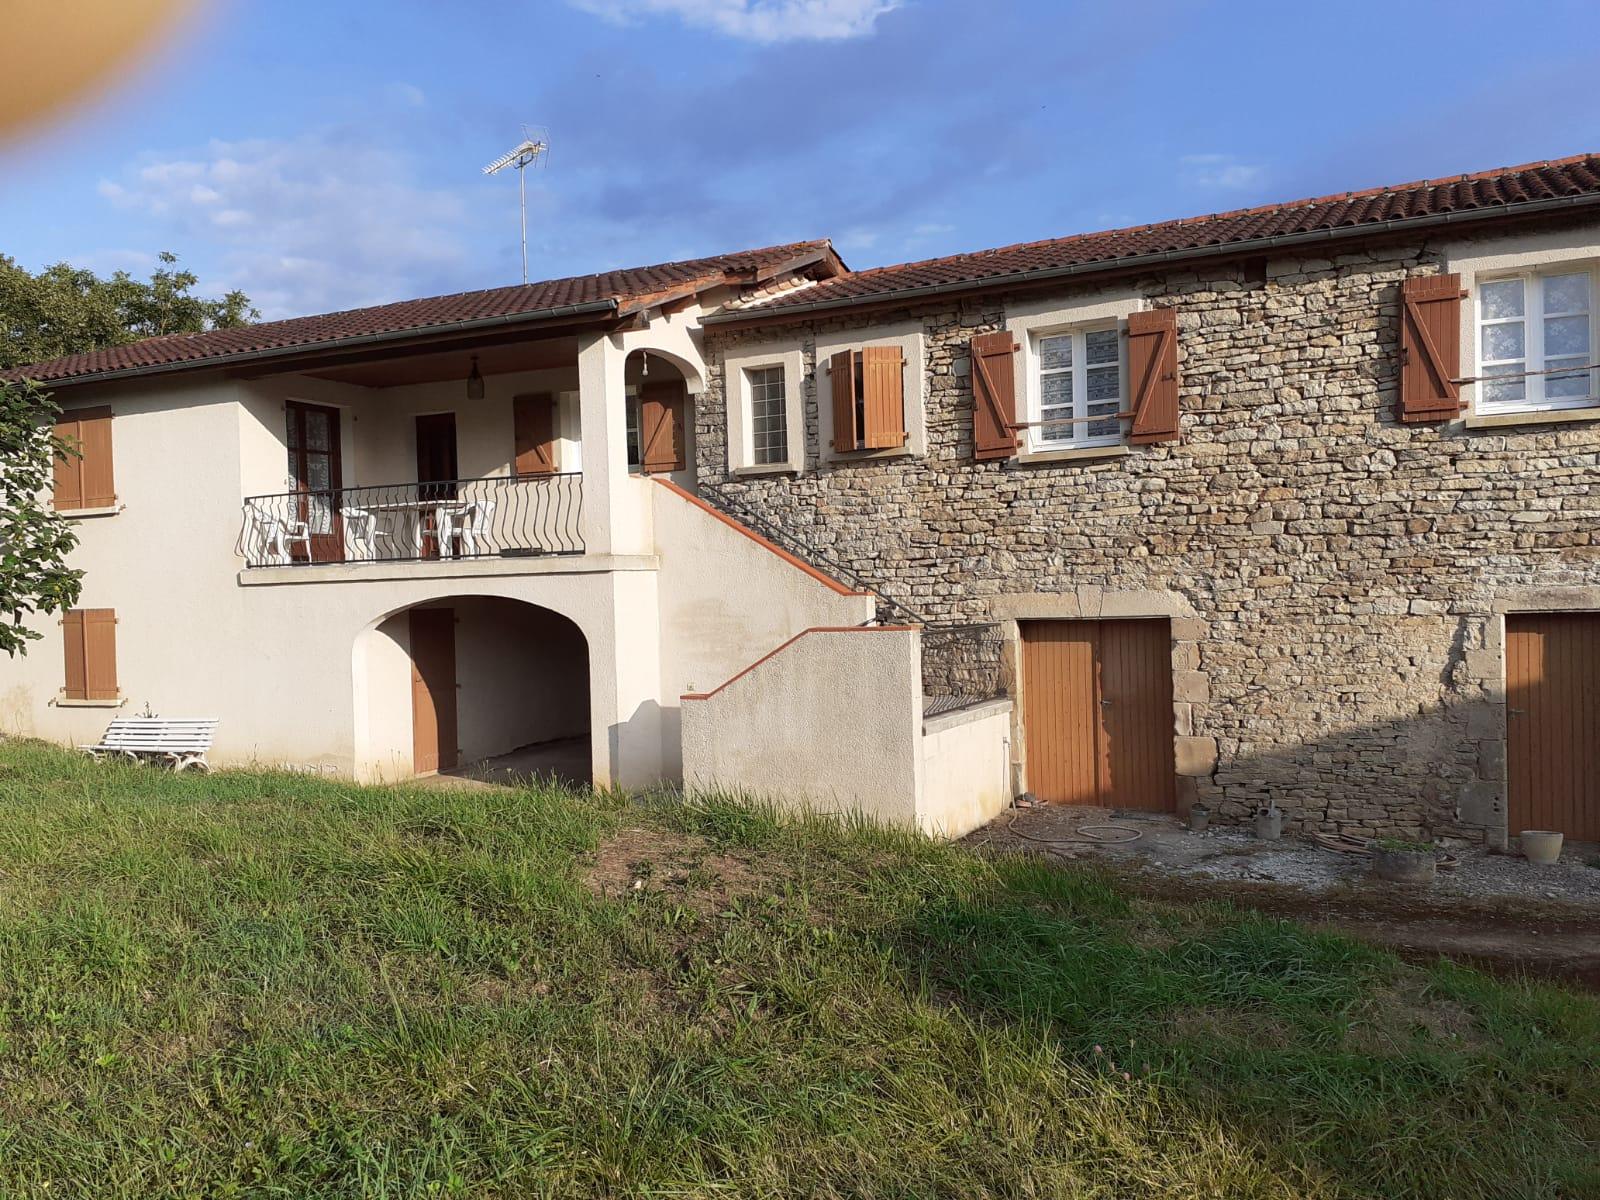 Saulieu d'Aveyron